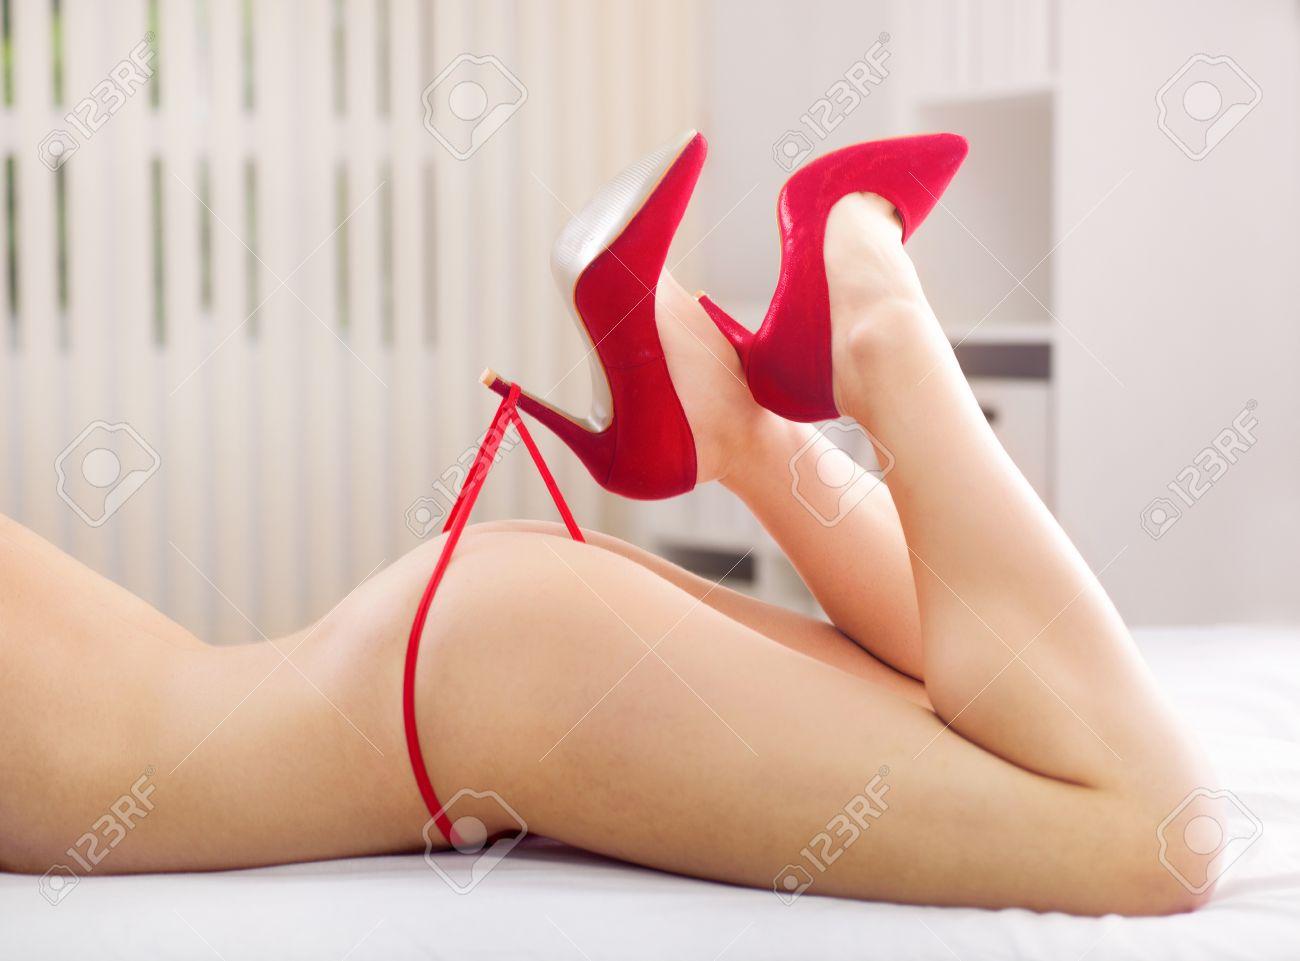 partie de femme nue avec des culottes rouges Banque d'images - 31990371